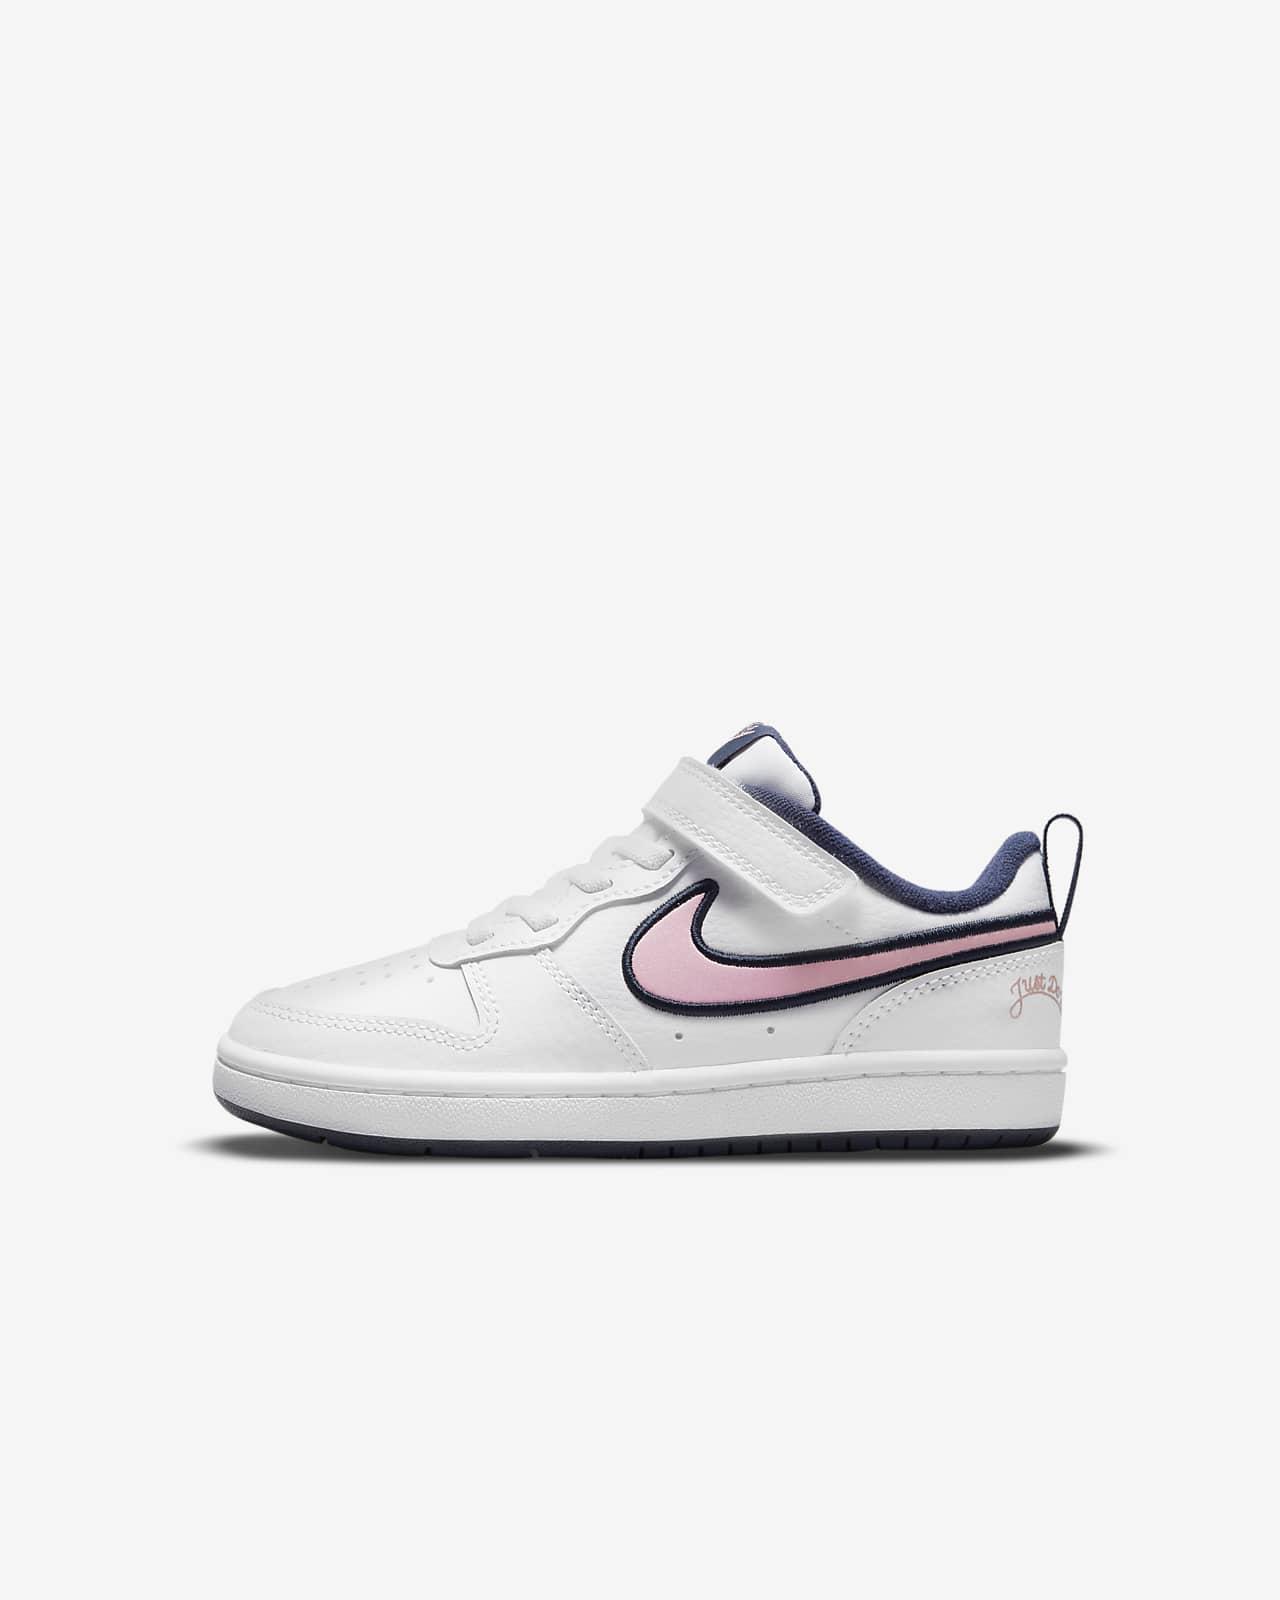 Nike Court Borough Low 2 SE Little Kids' Shoes